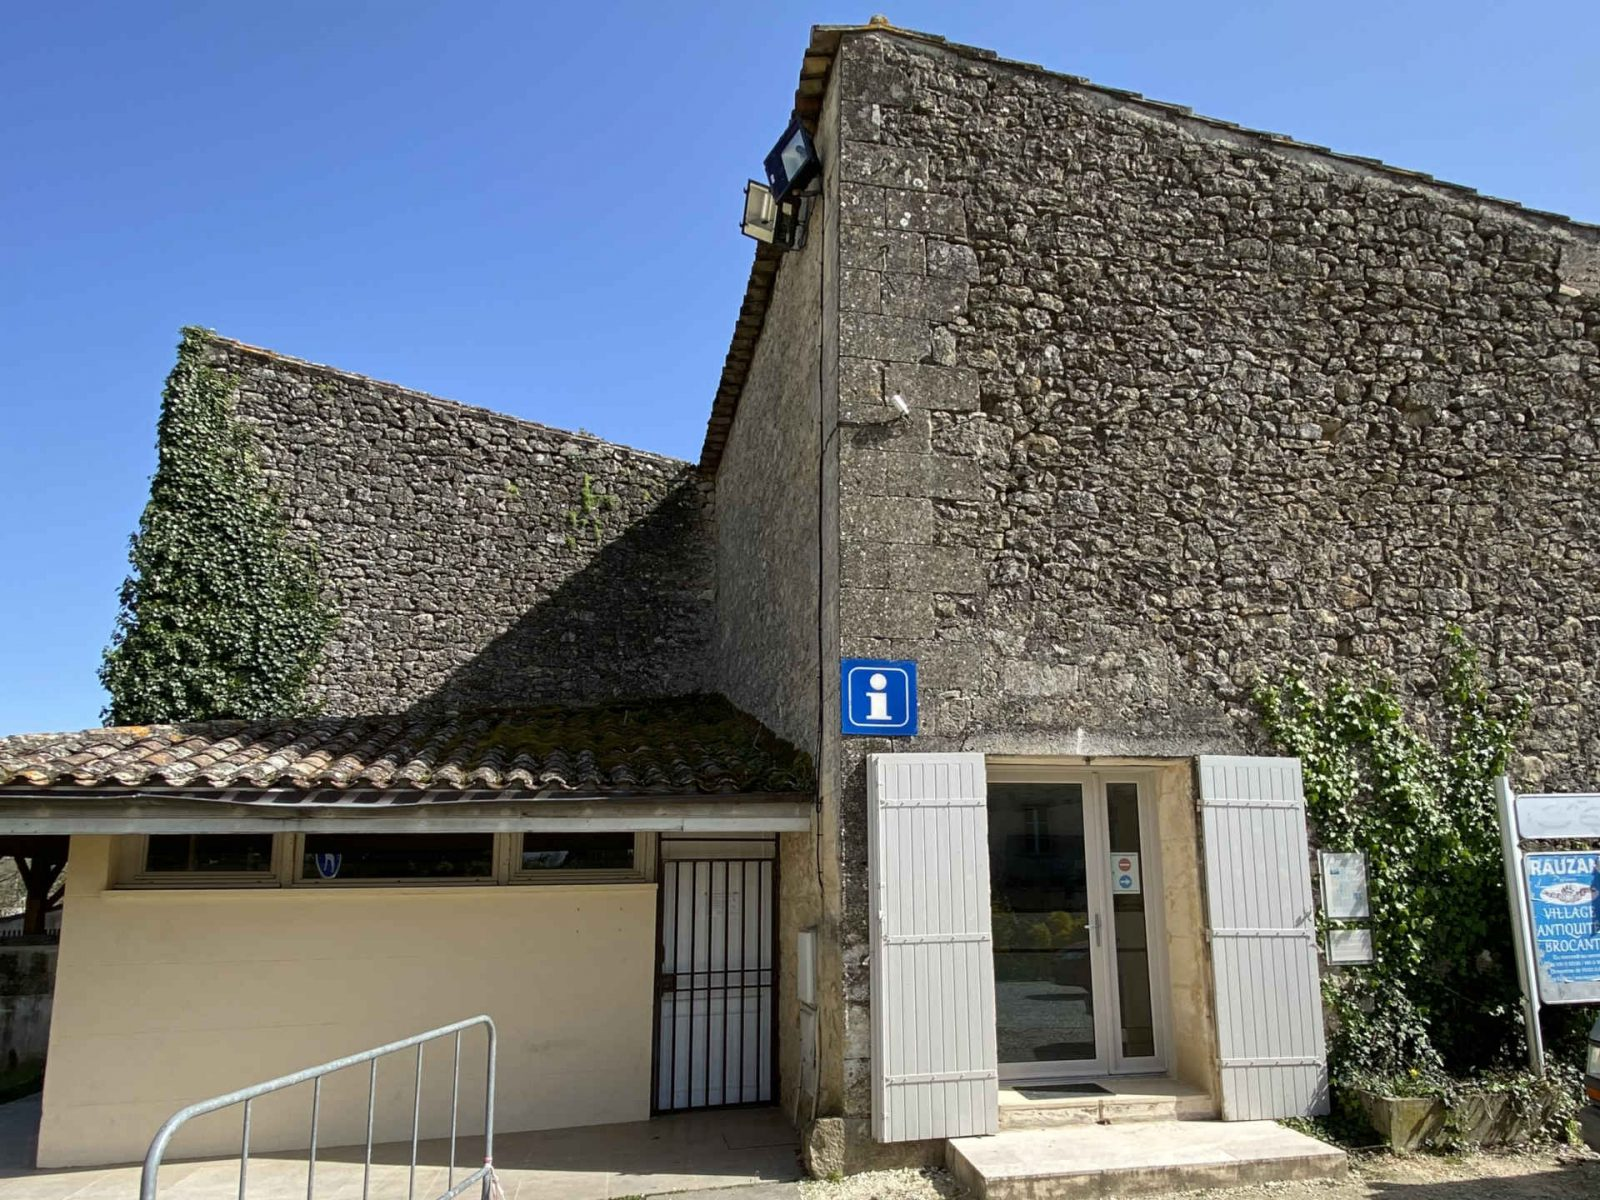 Bureau d'Information Touristique de Rauzan – Office de Tourisme Castillon-Pujols